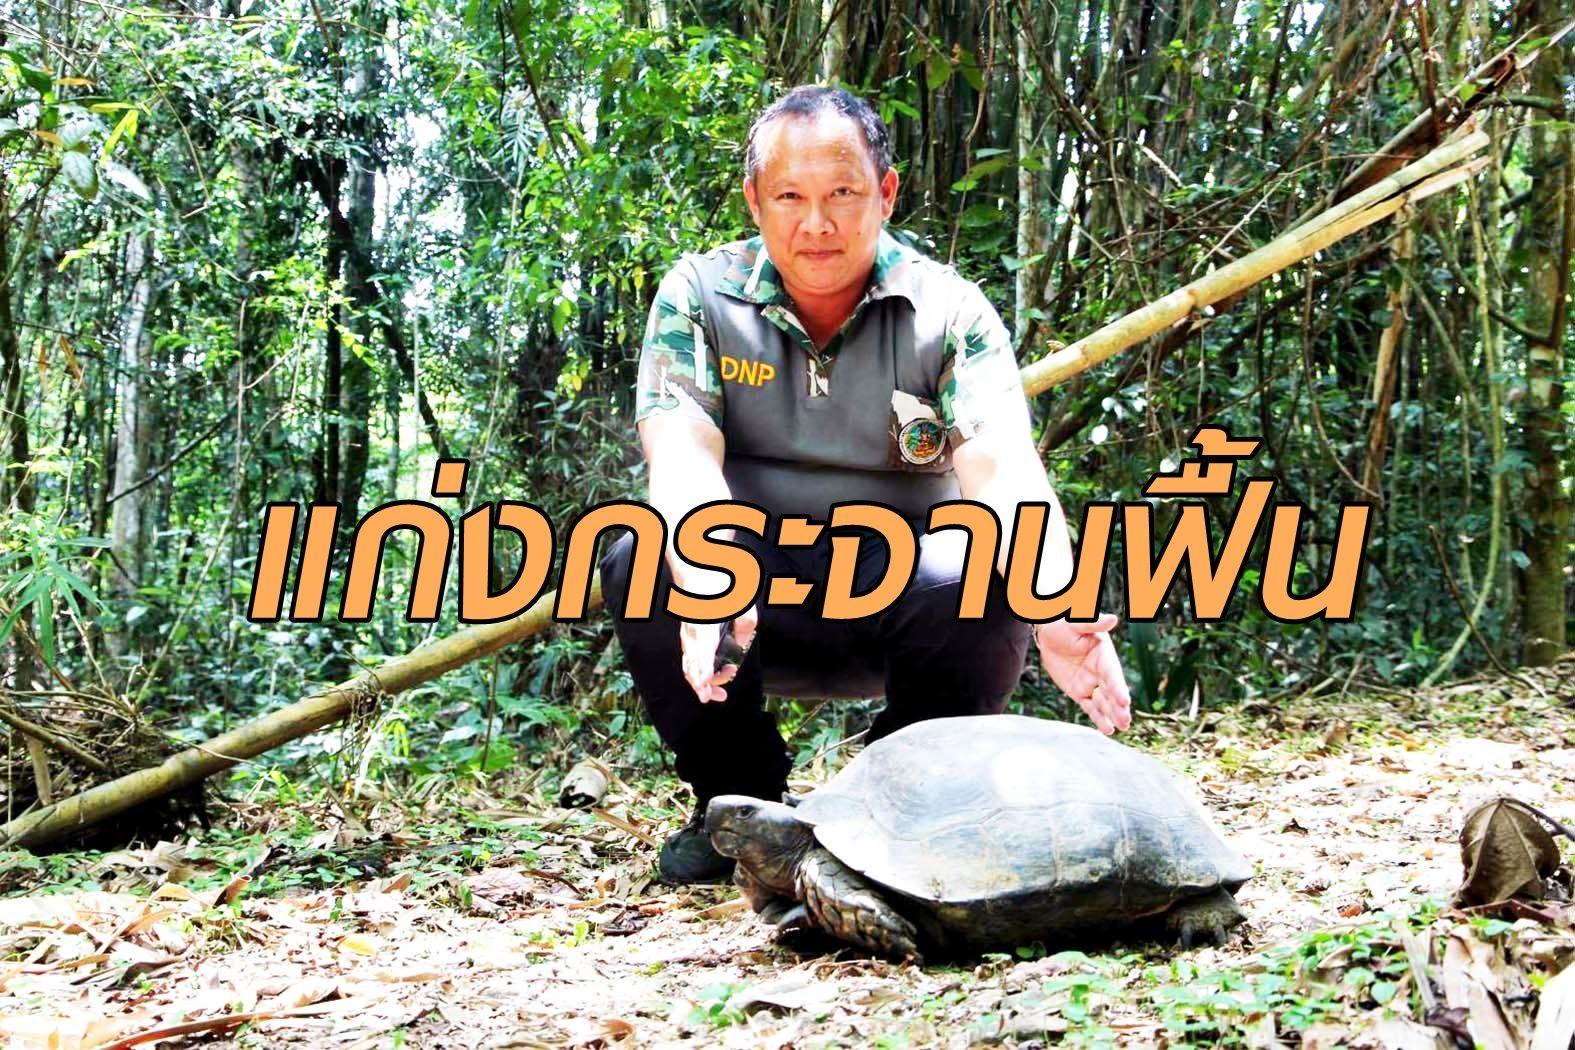 โควิด ทำ'อุทยานแก่งกระจาน'เริ่มฟื้นสู่ธรรมชาติ ตะลึง!พบ'เต่าหก'ตัวใหญ่